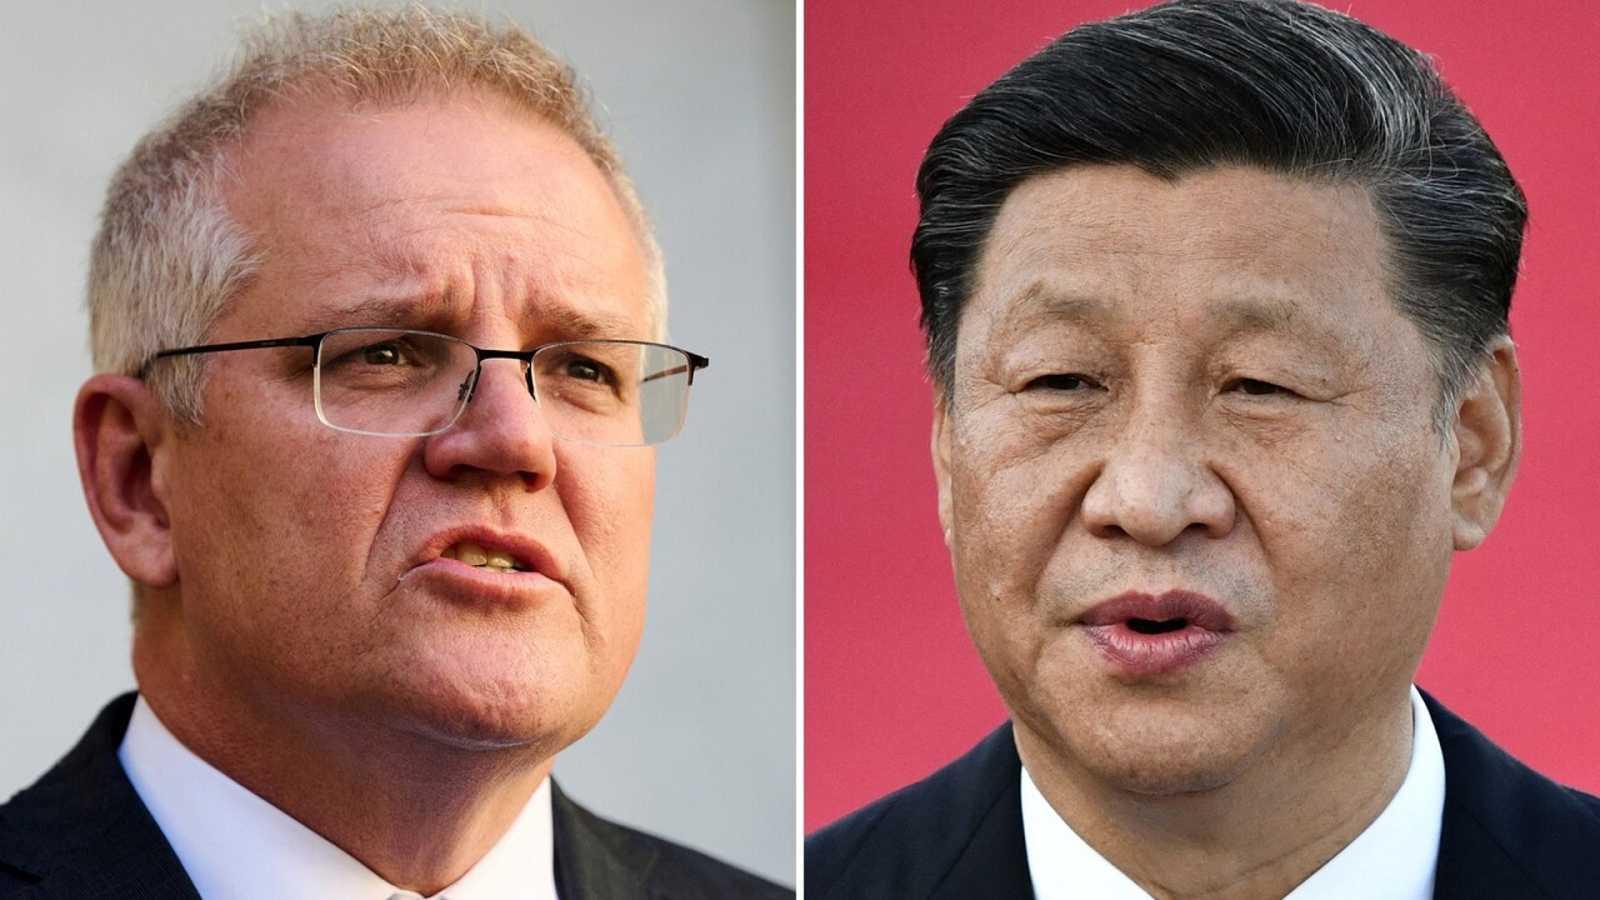 El primer ministro australiano, Scott Morrison (izquierda) y el presidente chino, Xi Jinping. Foto: Afp